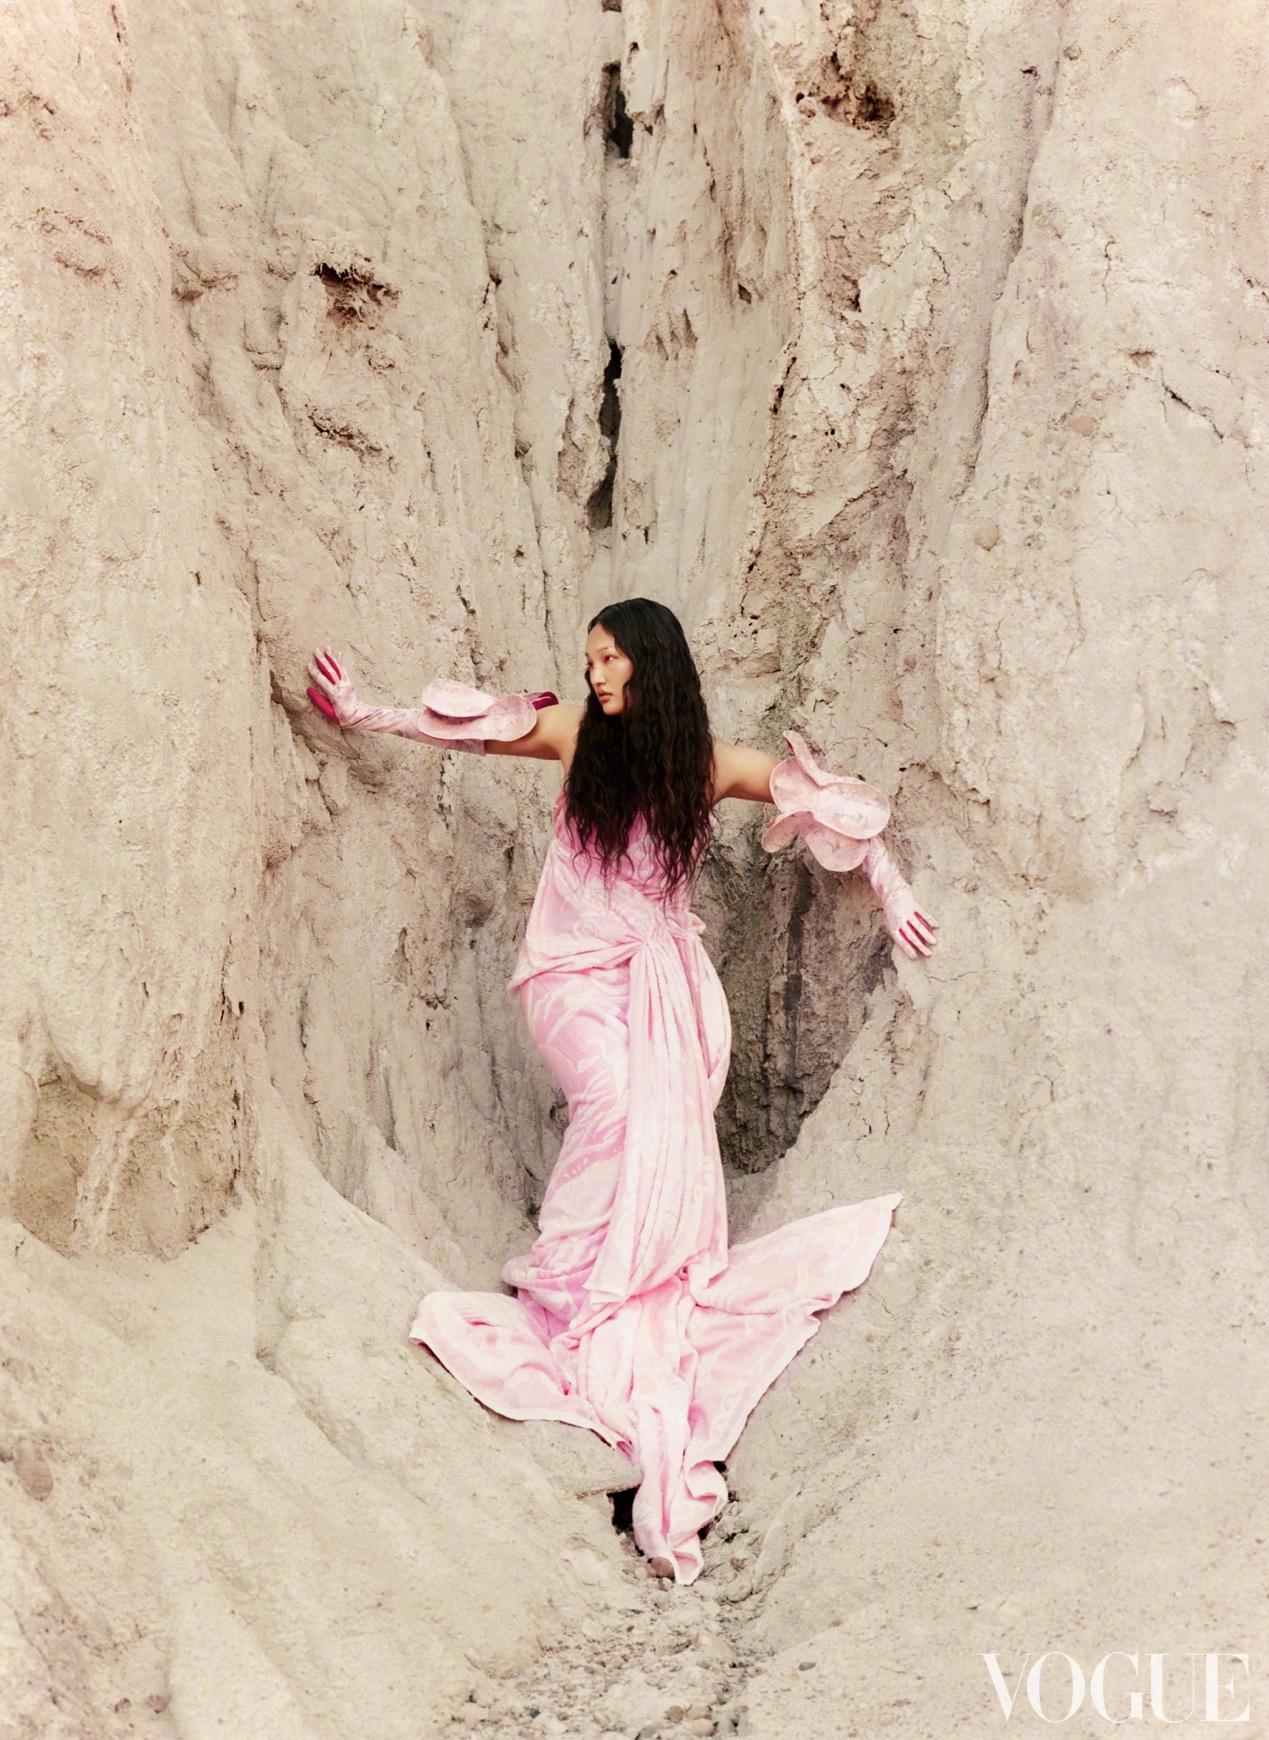 穿粉色裙子的女孩  低可信度描述已自动生成